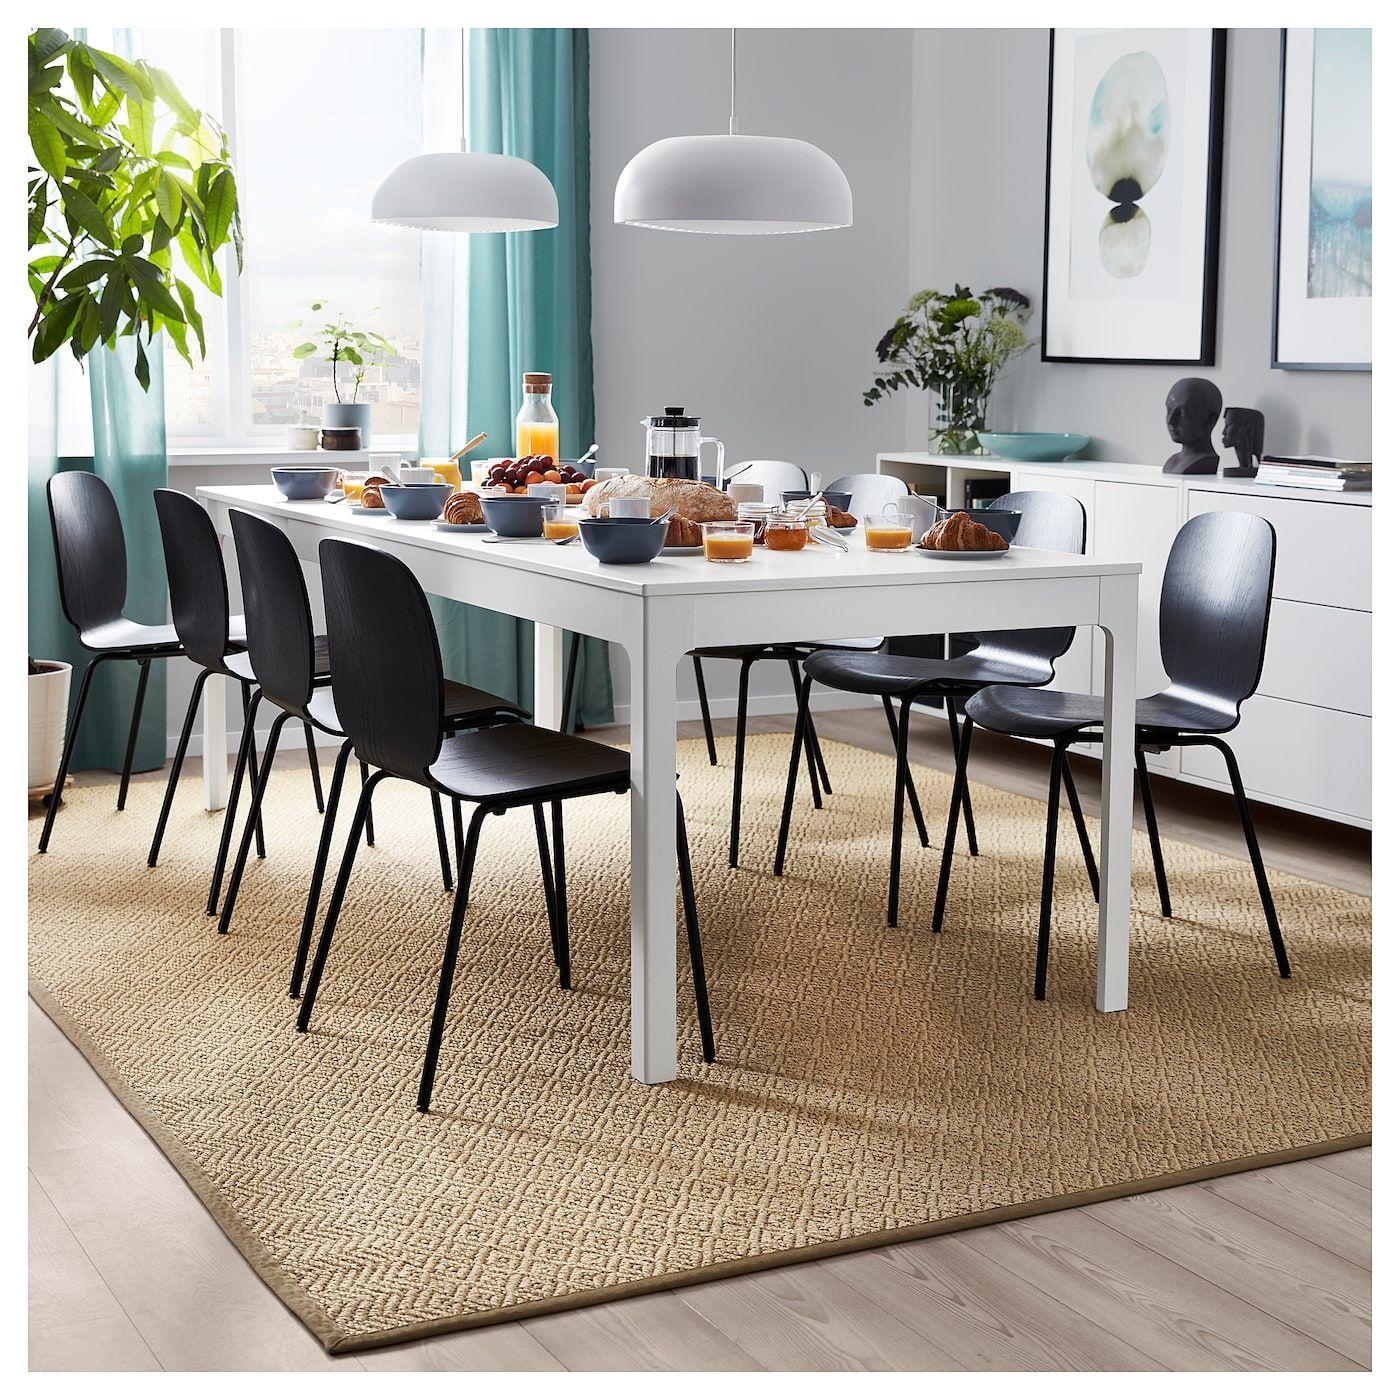 Ikea family rabatt 10